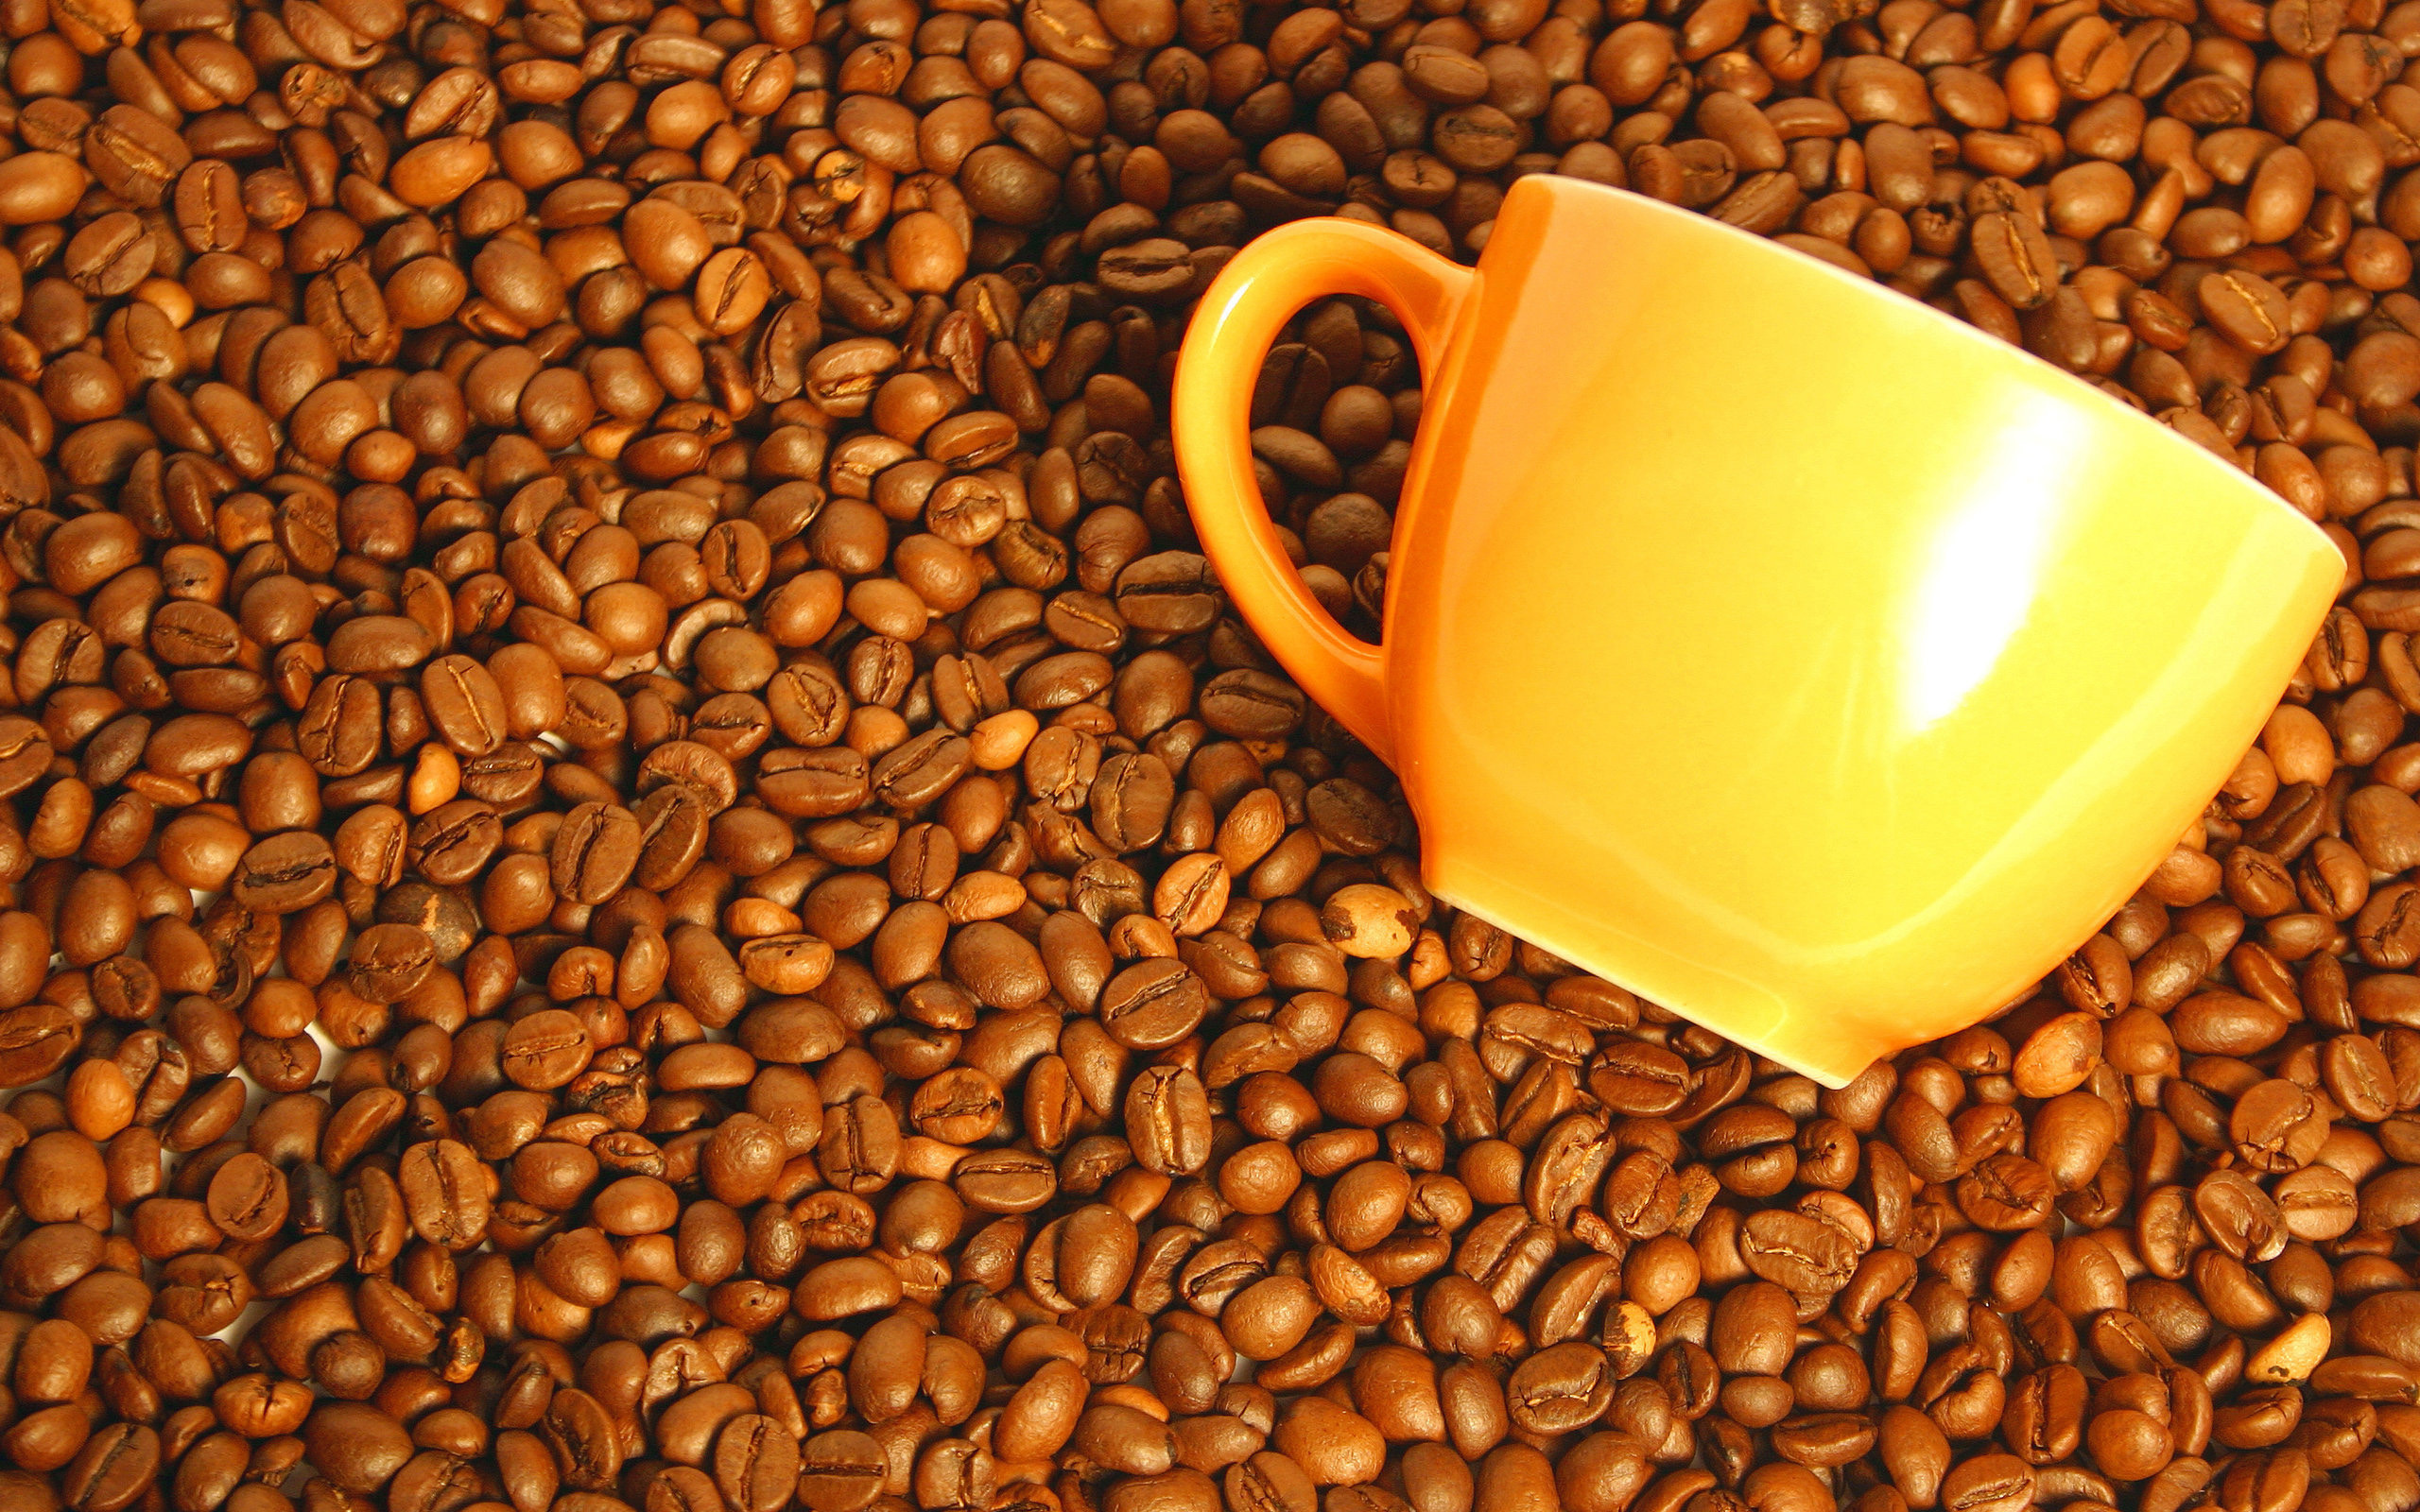 картинка кофе зерна для рабочего стола это демократичное